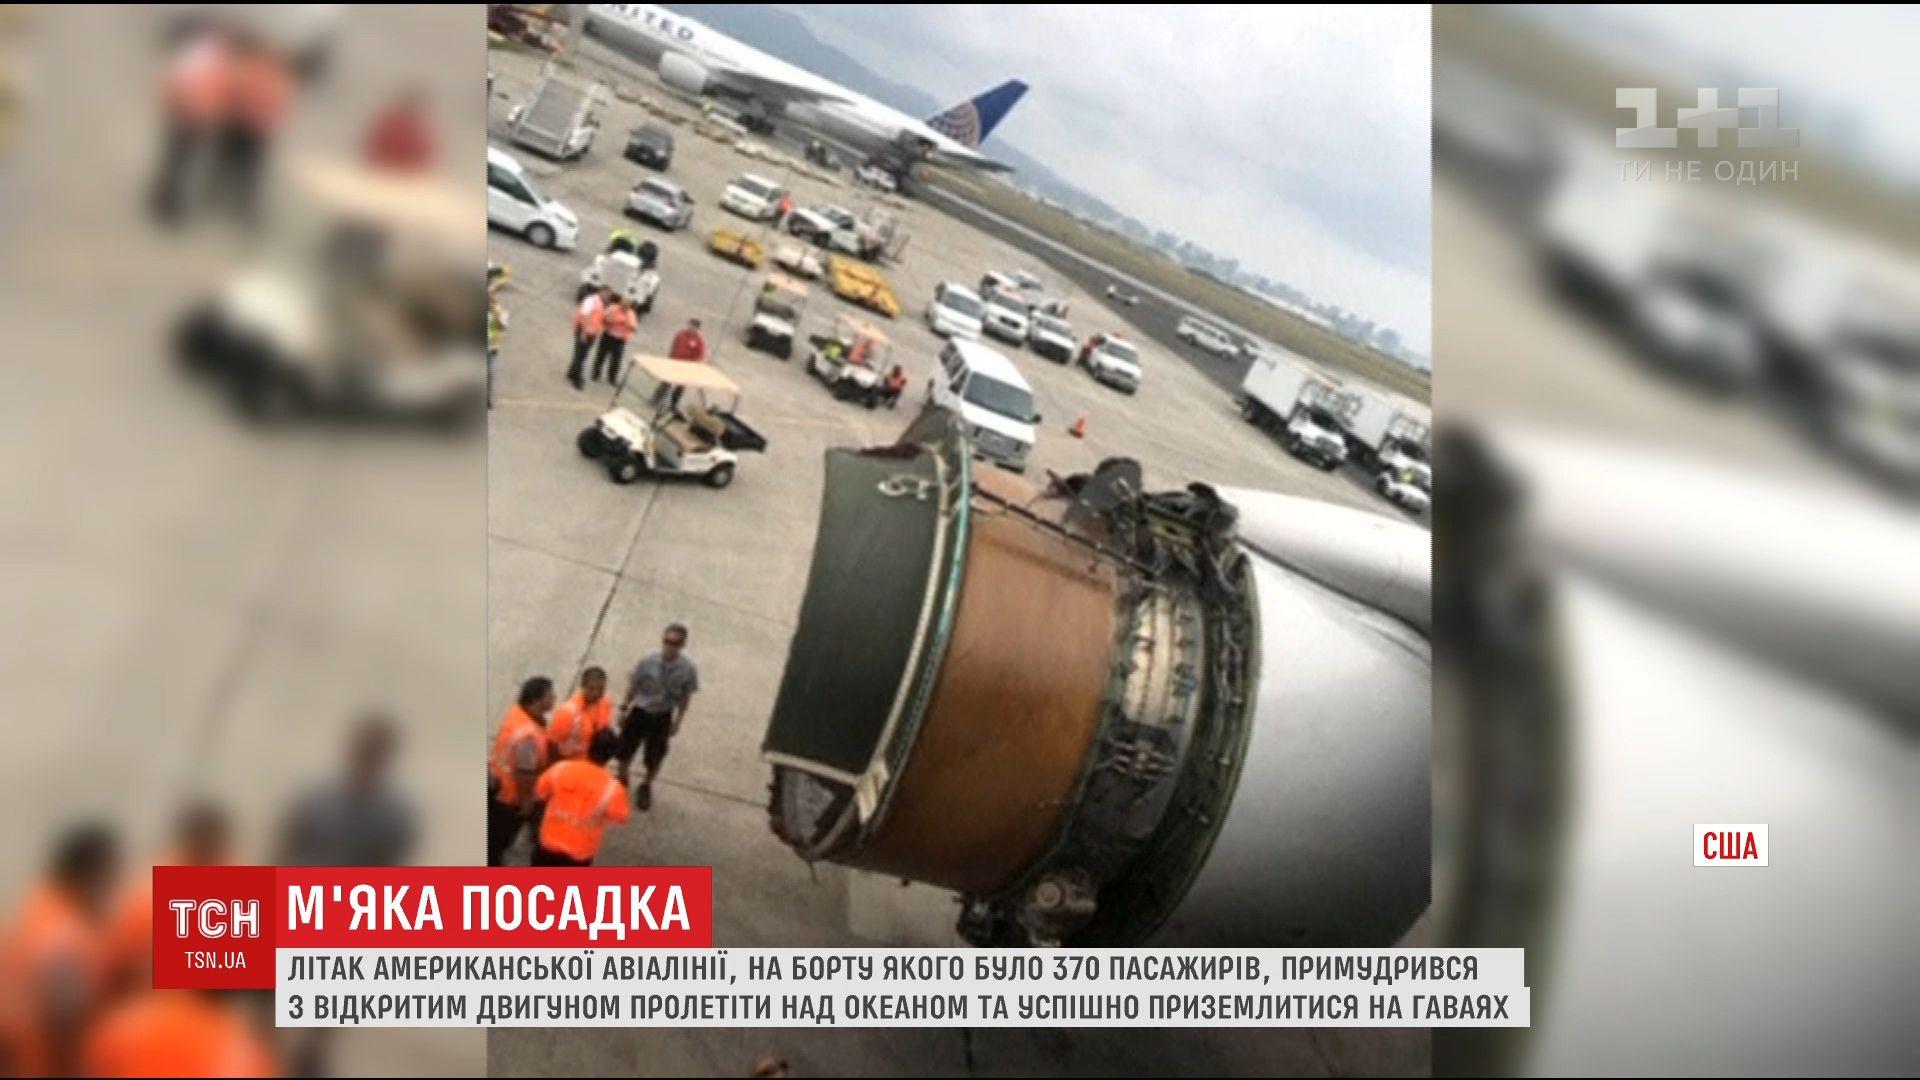 Самолет американской авиакомпании чудом приземлился после поломки в небе /  ТСН